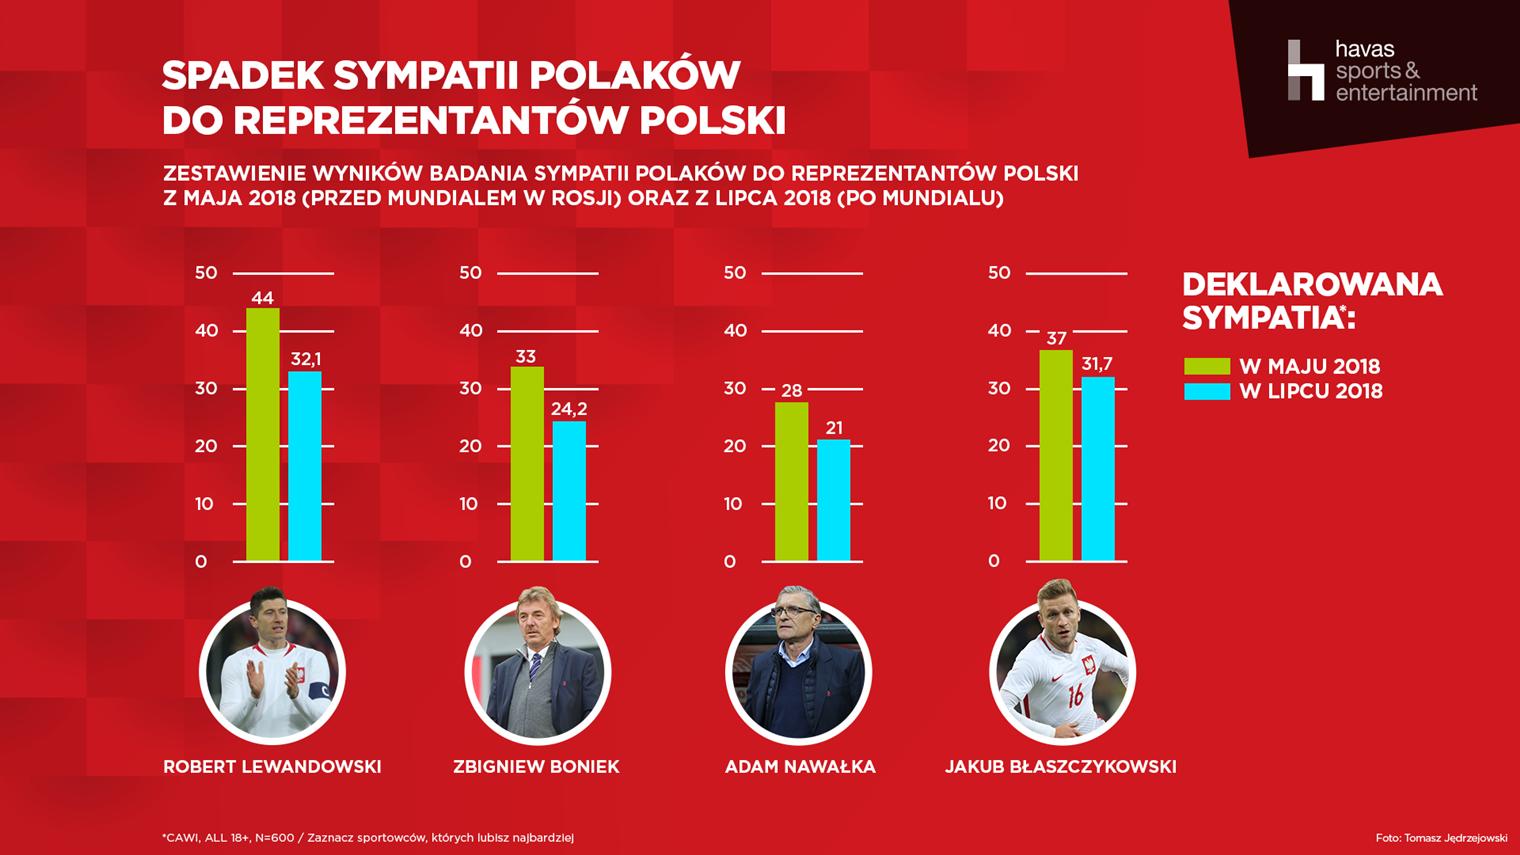 Sympatia do polskiej reprezentacji